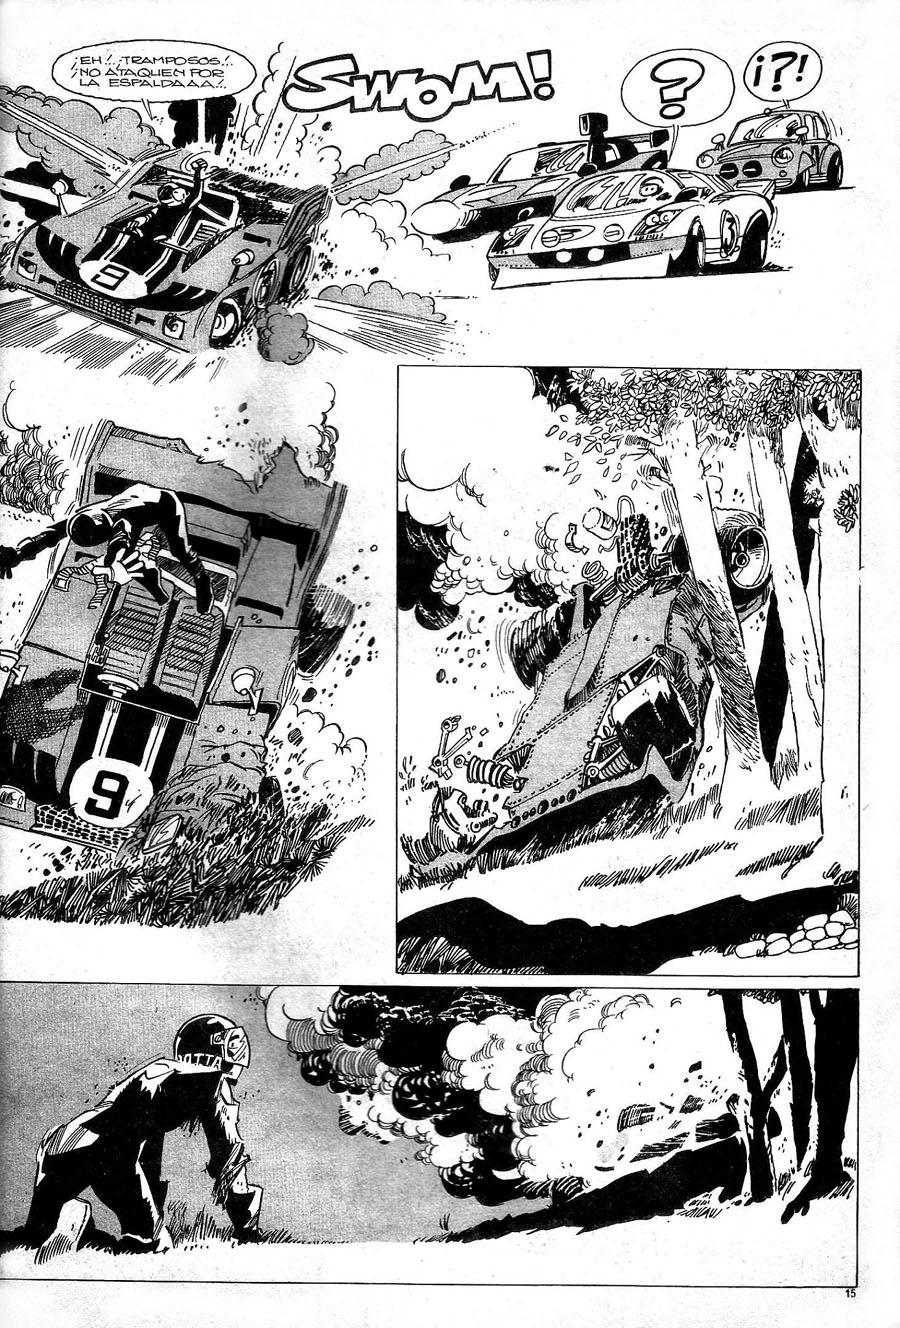 las-travesias-de-fitito-pagina1